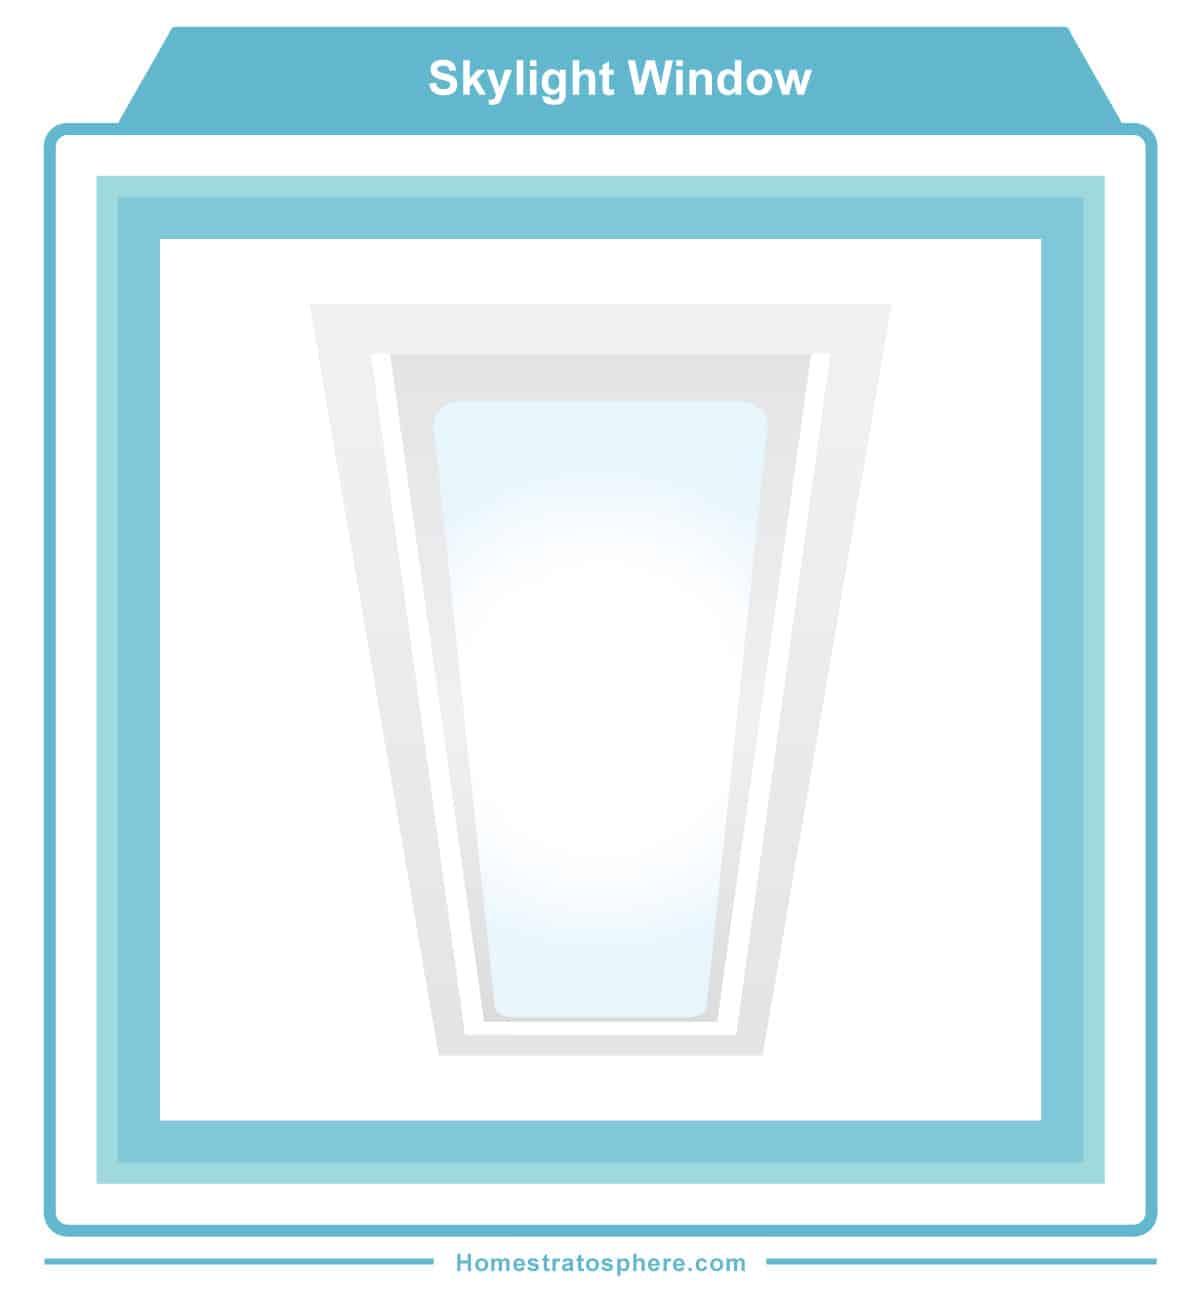 Skylight diagram